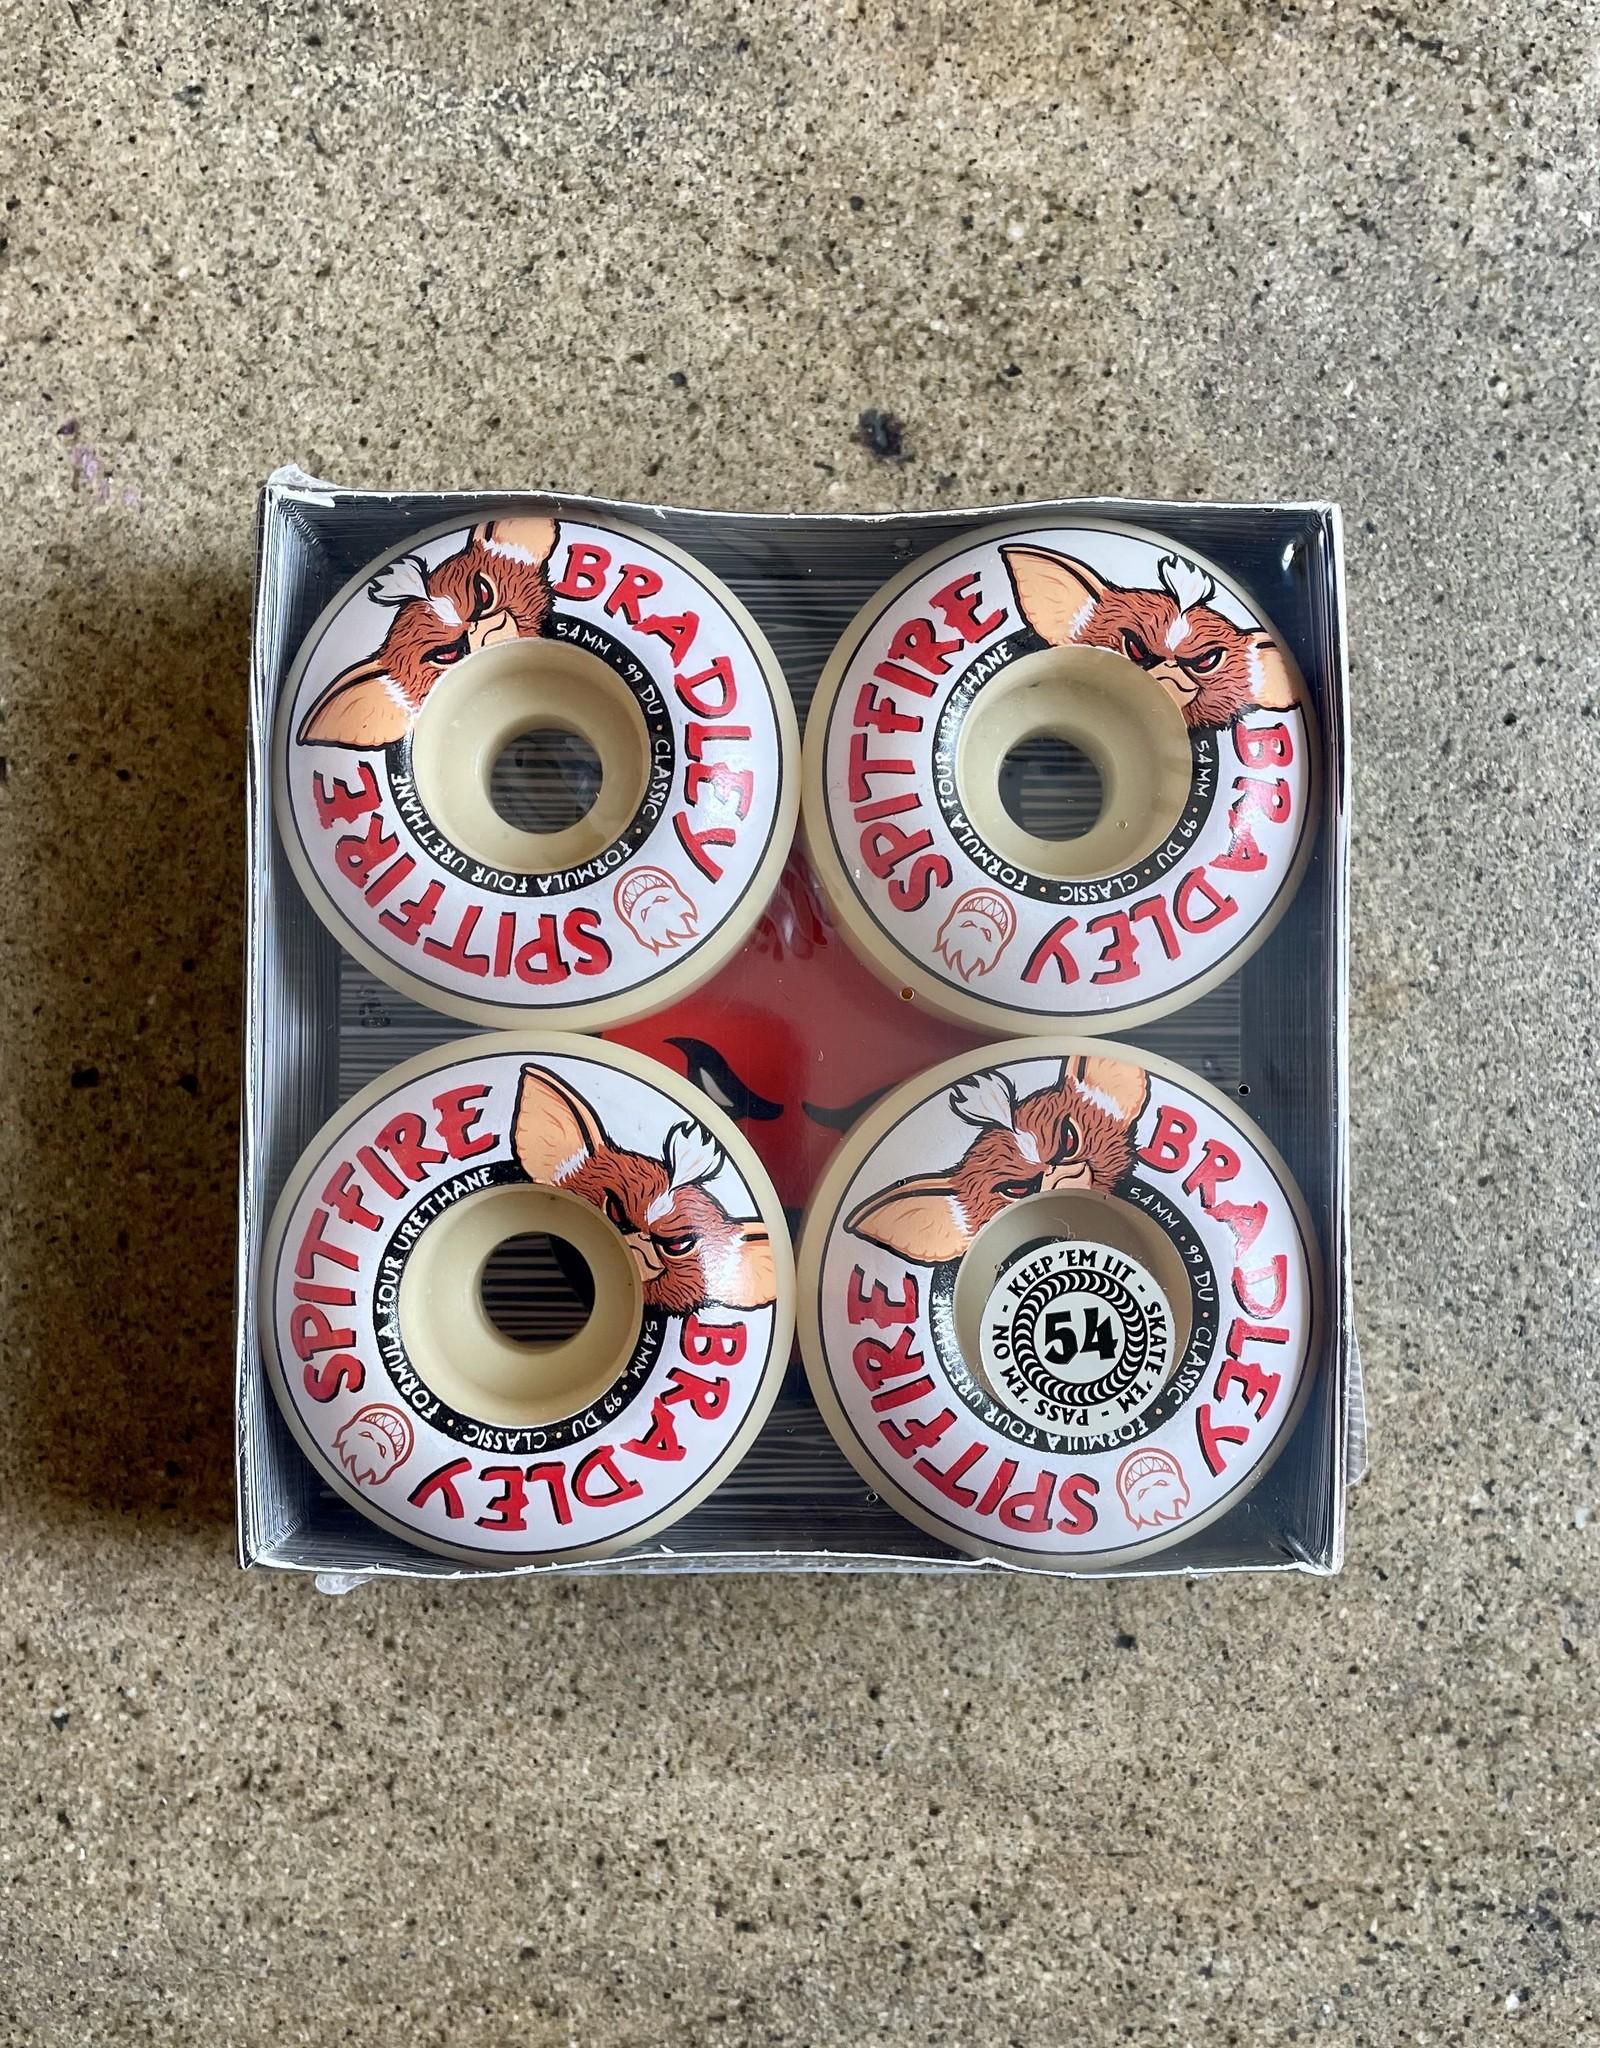 SPITFIRE F4 99 BRADLEY B4 MIDNIGHT CLASSICS - 54MM